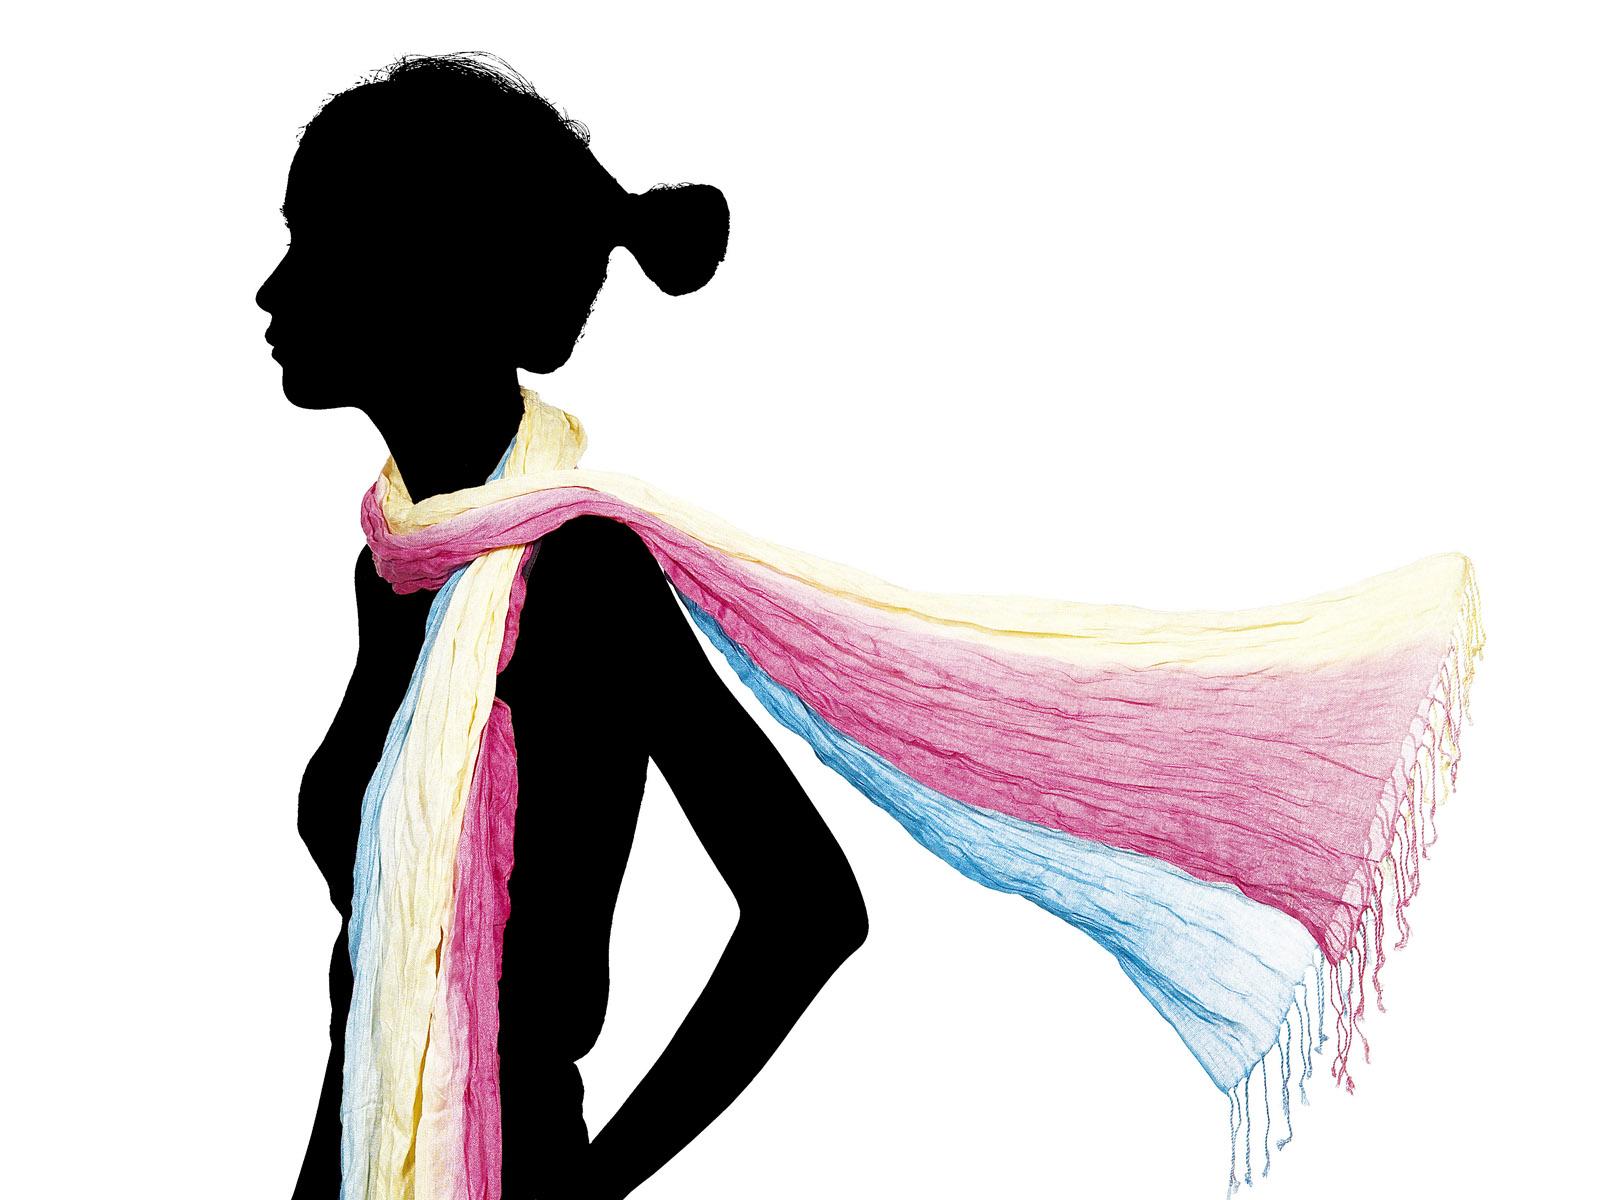 Обои Разноцветный шарф - 1024x768.